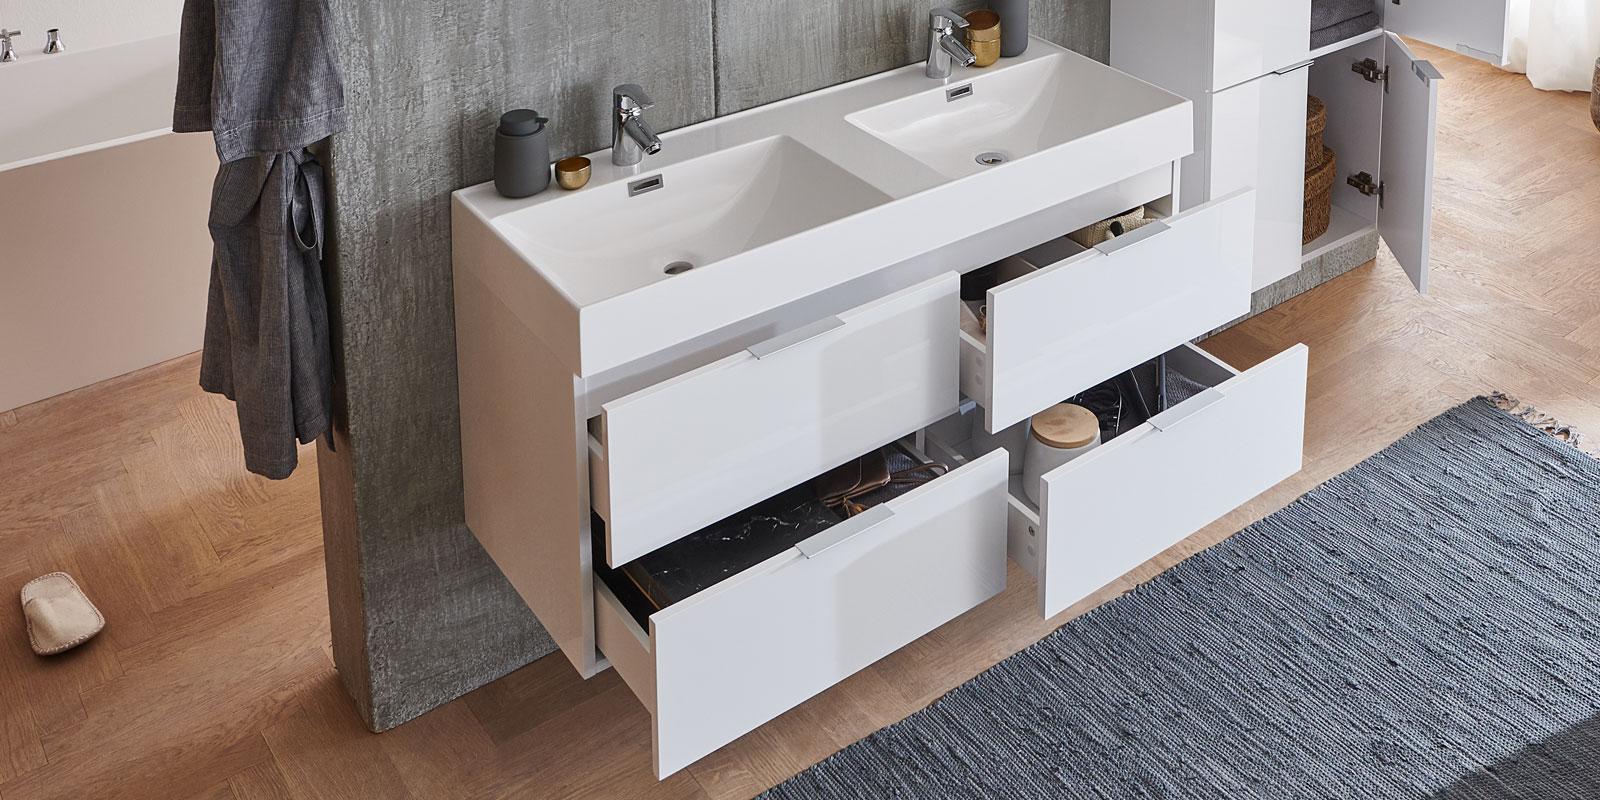 moebella24 - Bad - Set - Doppelwaschtisch - mit - Waschbecken - Lotus - Beschichtung - Weiß - Hochglanz - Schubladen - Soft - Close - Von - oben - Links